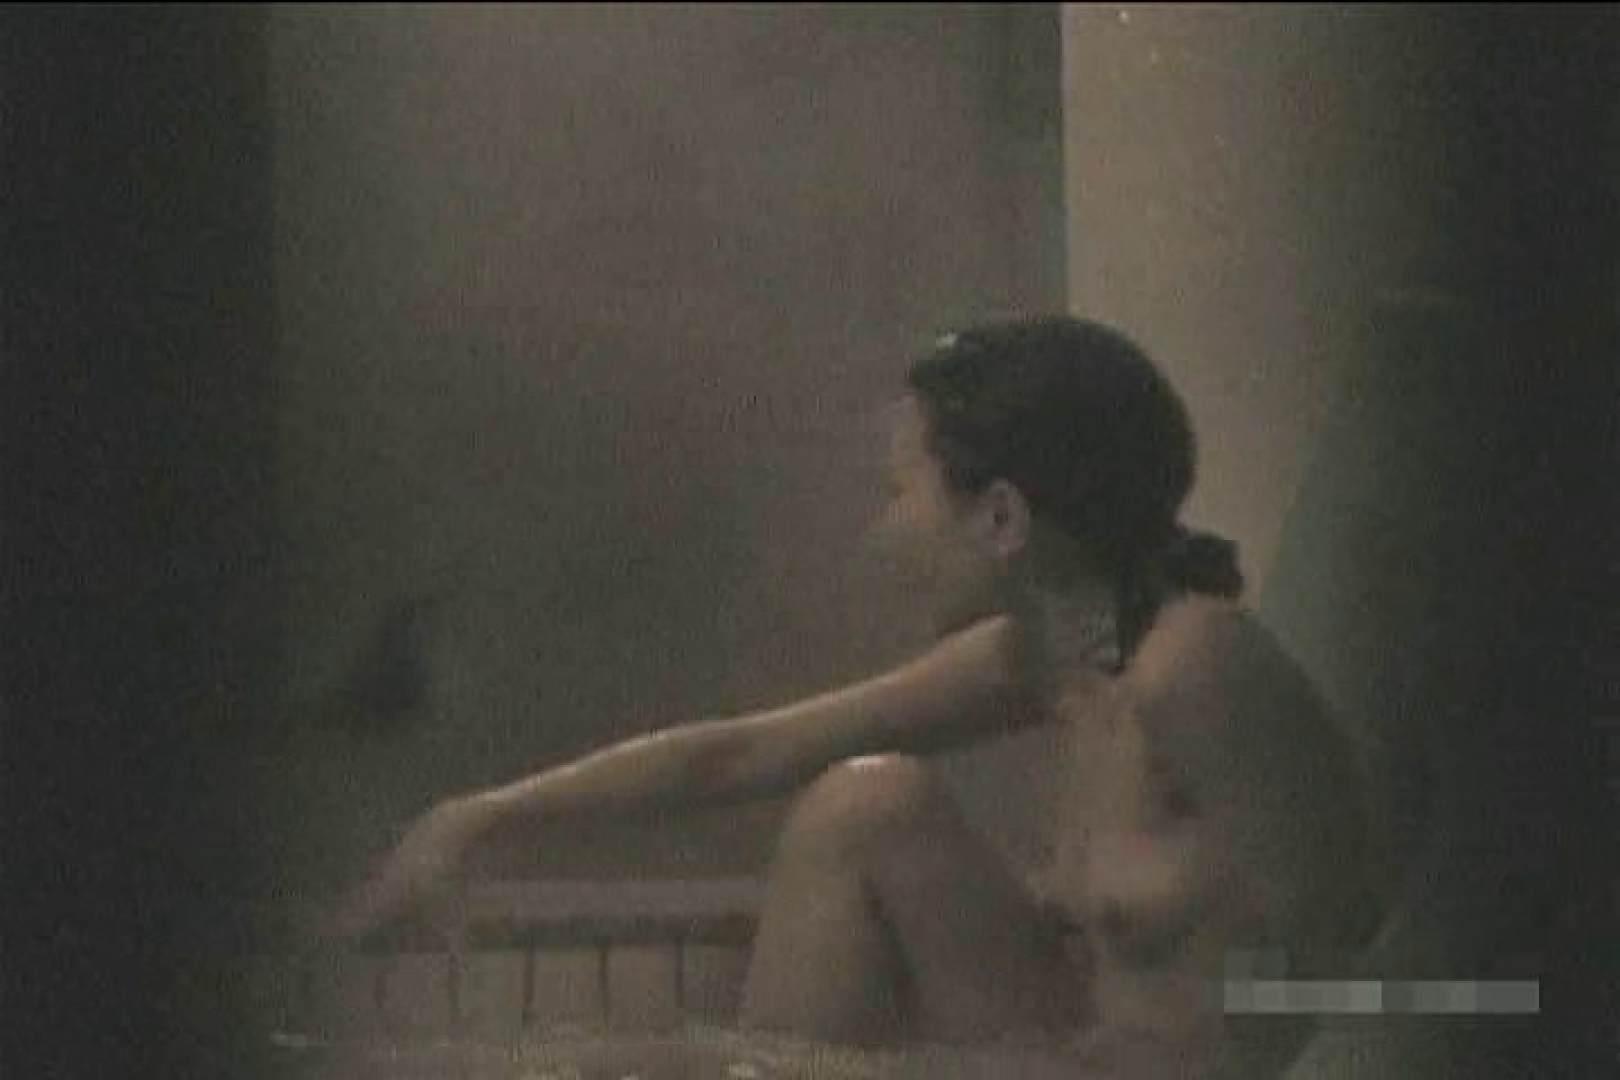 全裸で発情!!家族風呂の実態Vol.1 セックス流出映像 オメコ動画キャプチャ 108連発 58